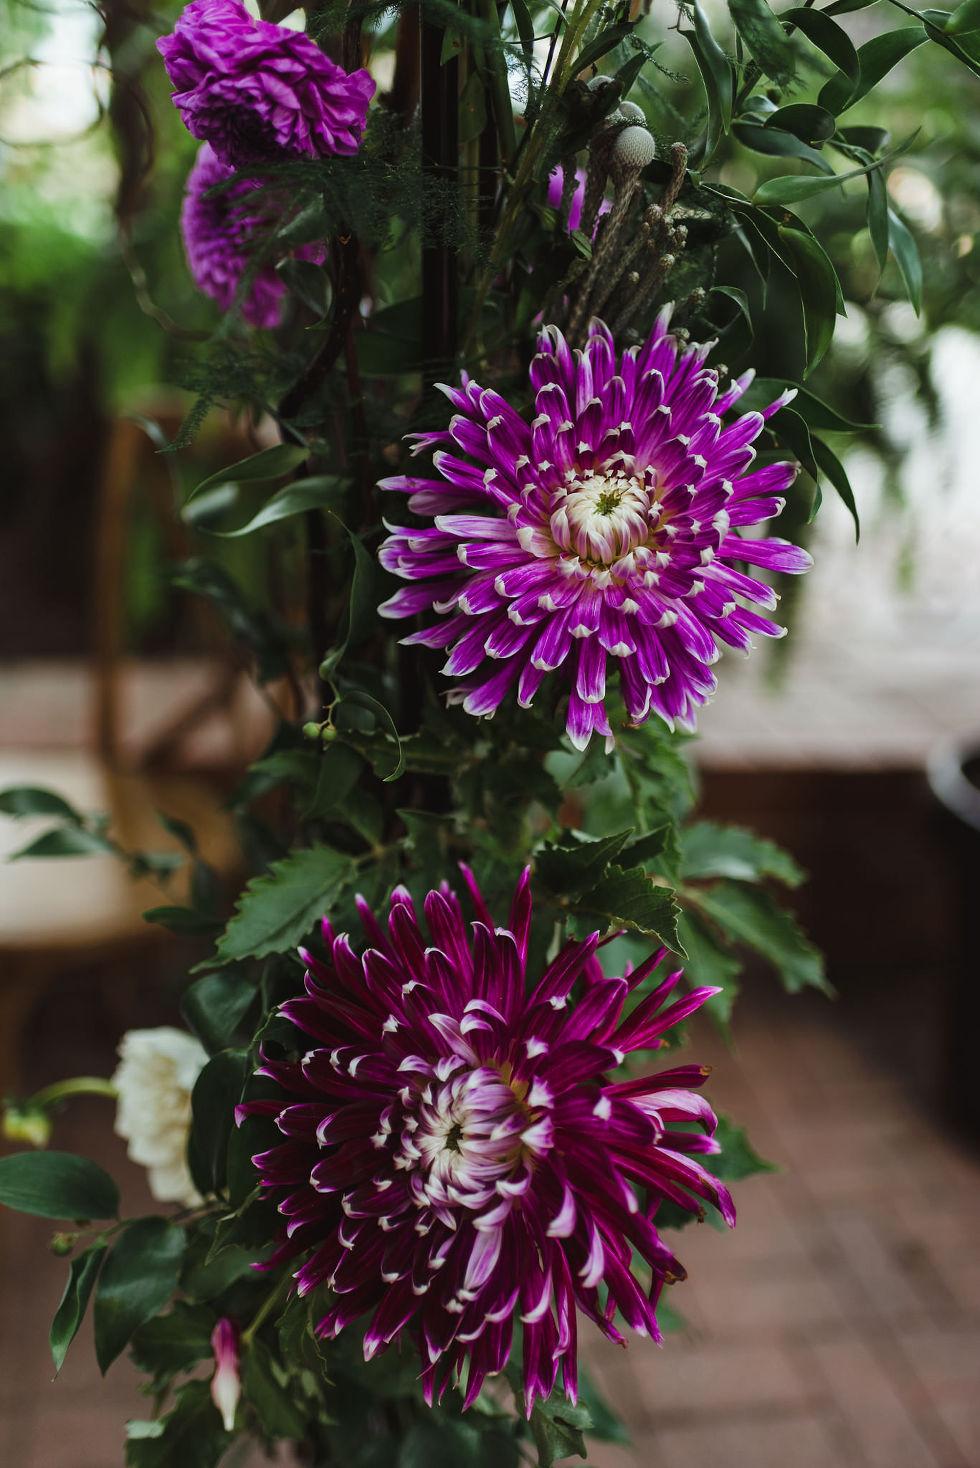 purple flowers at La Maquette wedding venue in Toronto Ontario